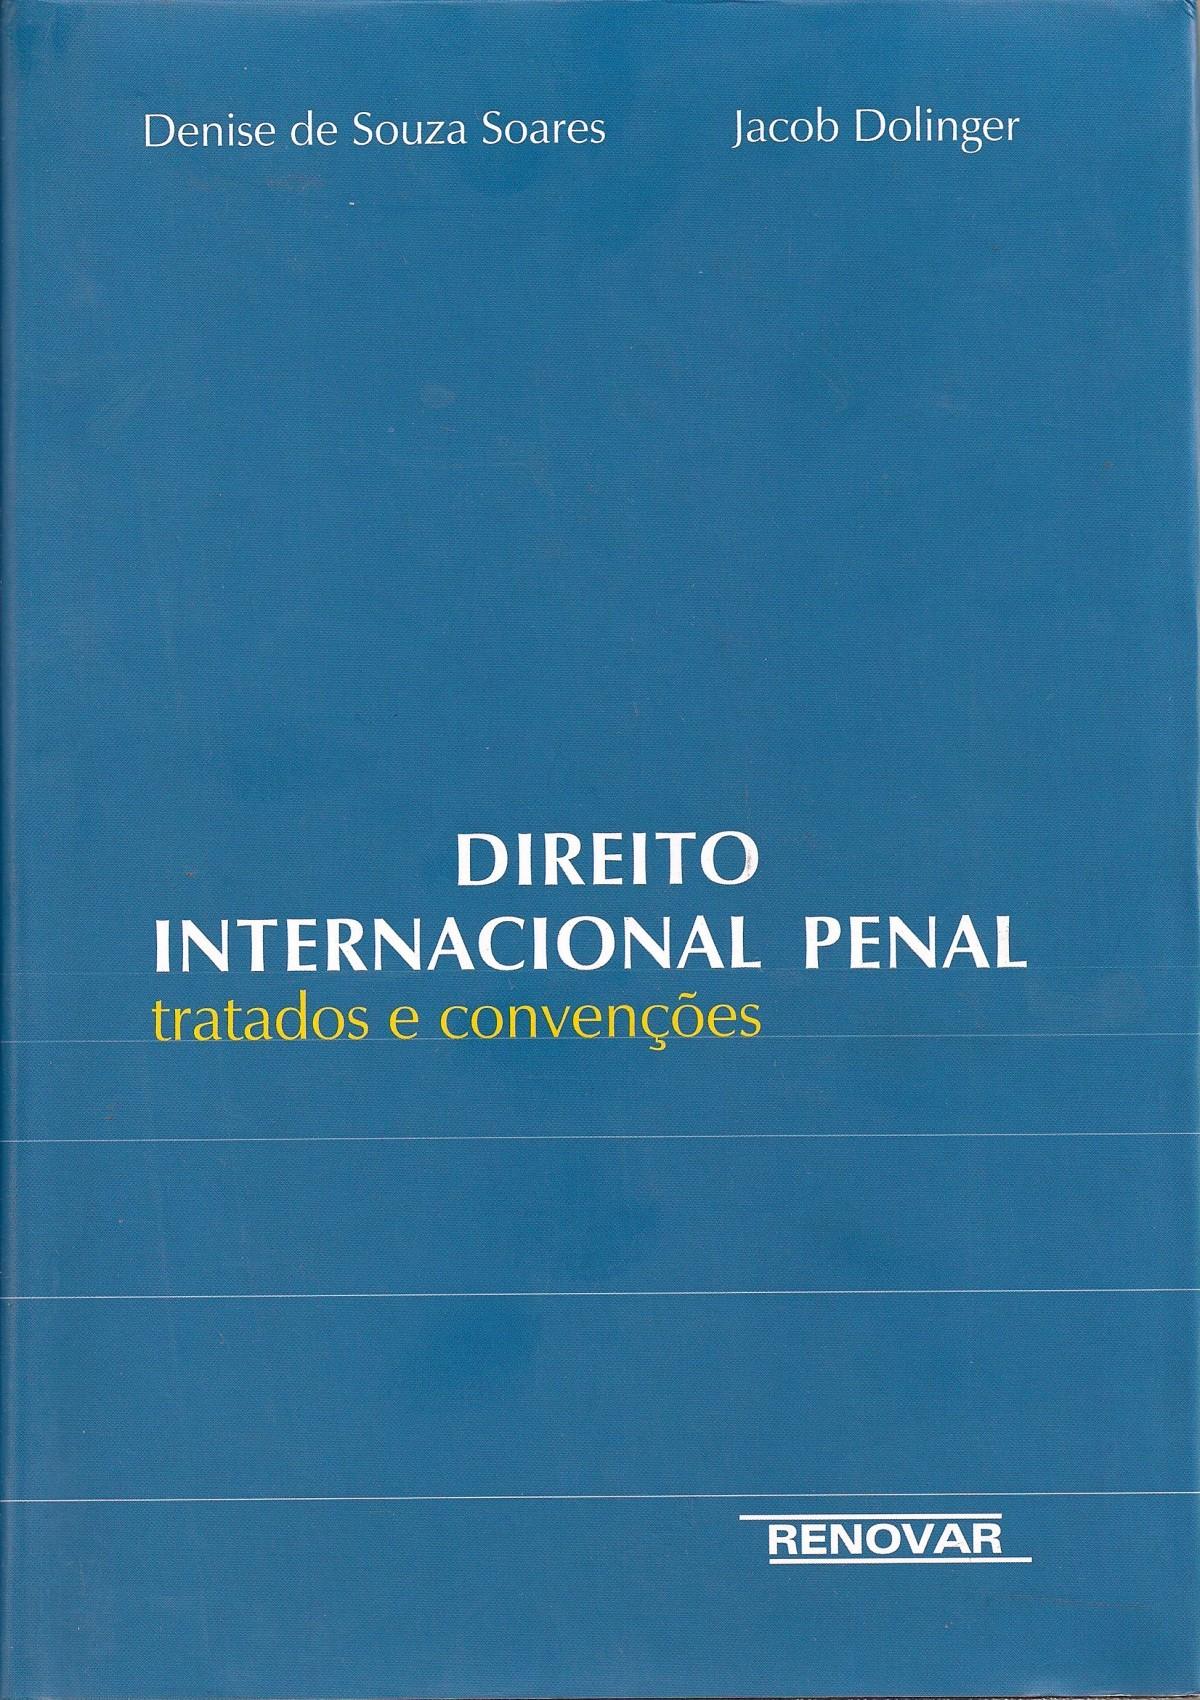 Foto 1 - Direito Internacional Penal - Tratados e Convenções